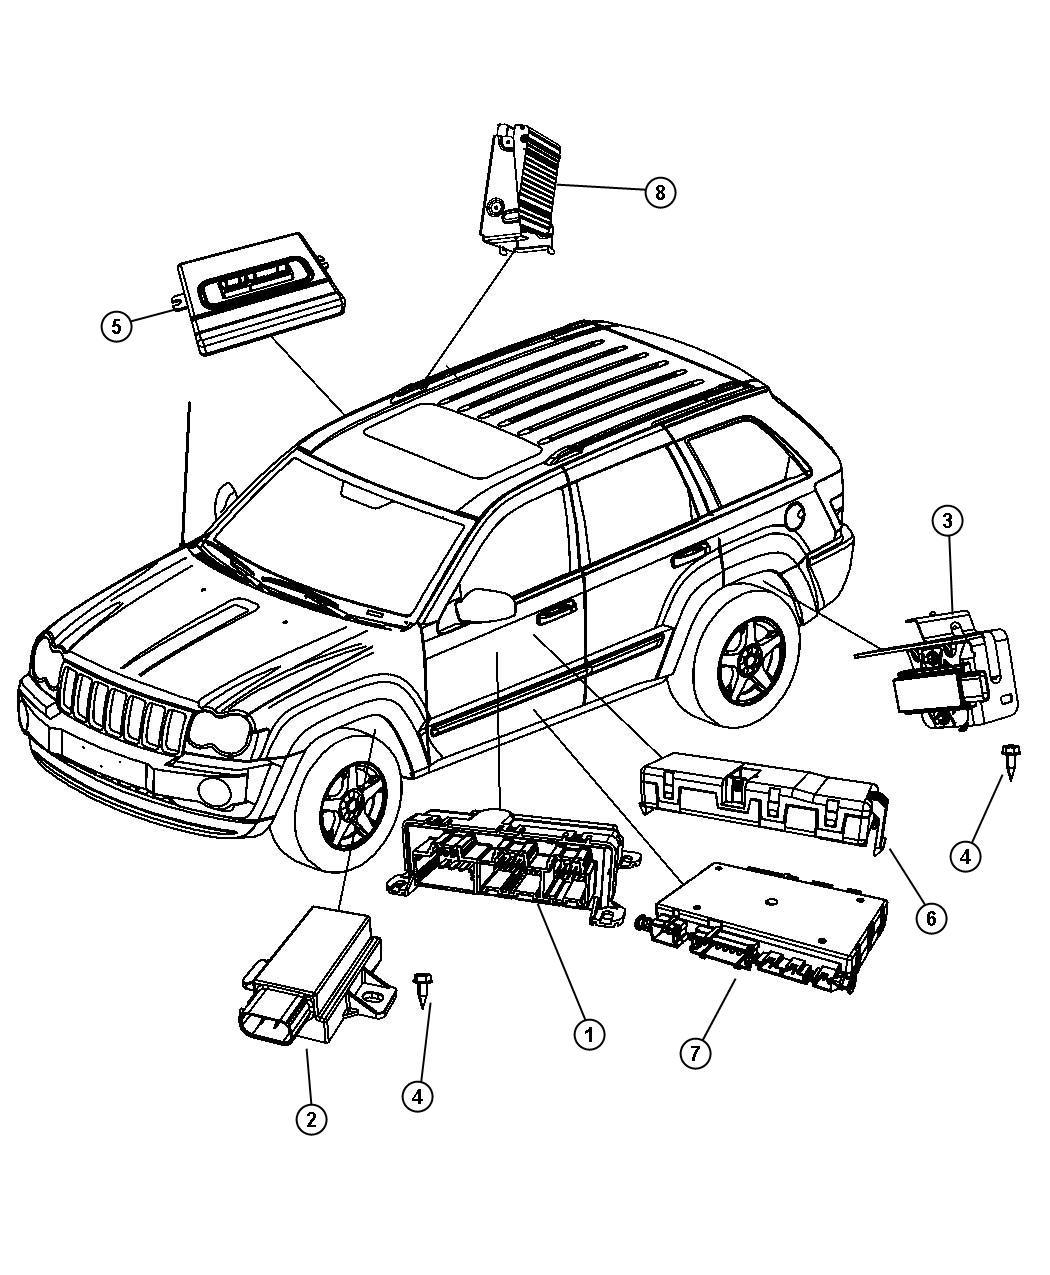 2008 Jeep Grand Cherokee Module  Tire Pressure Monitoring  Rear Right  Right Rear